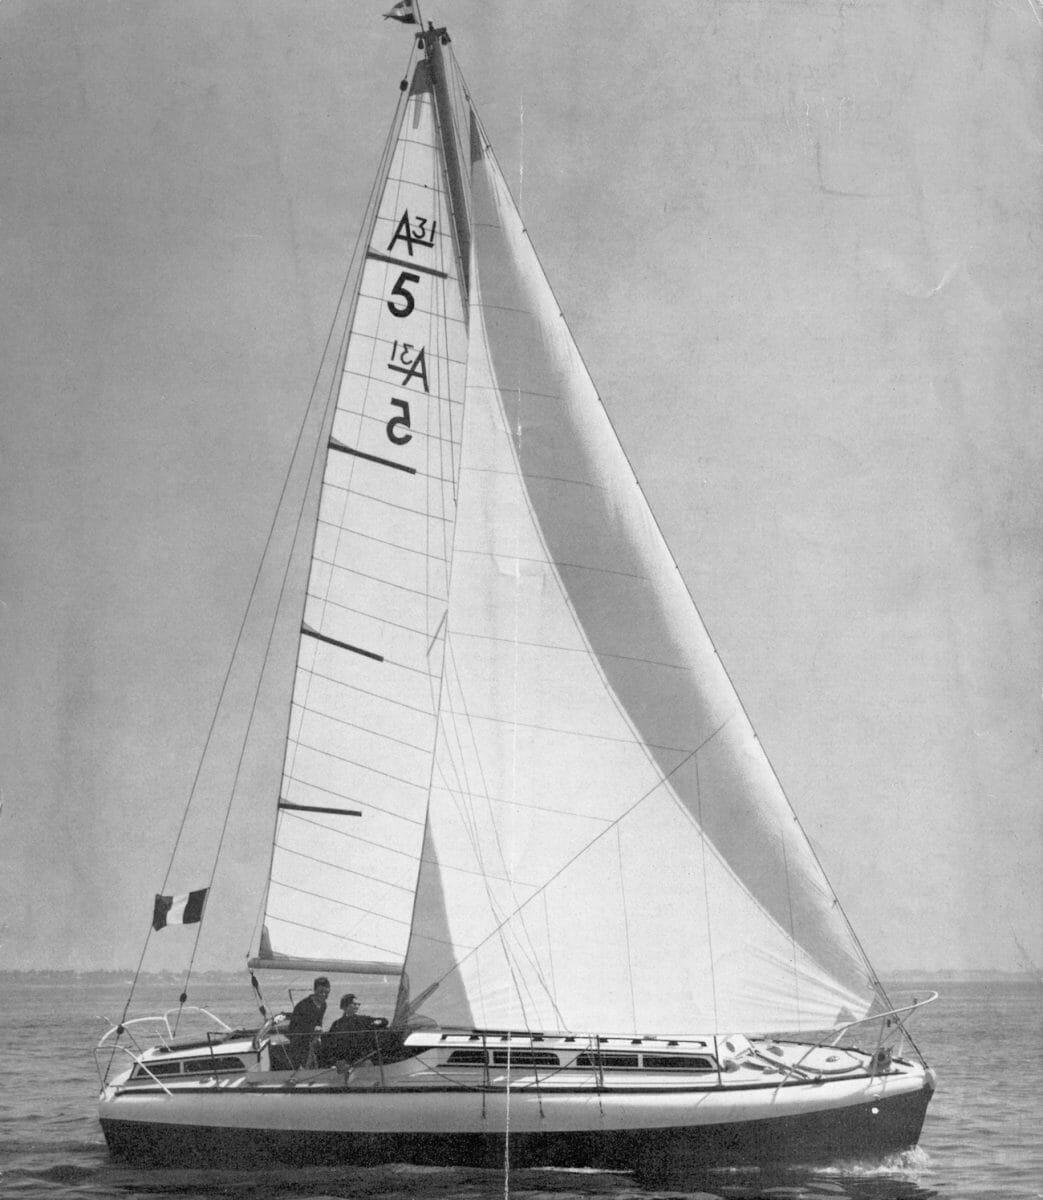 1963 A31 Publicity Shot 31-05